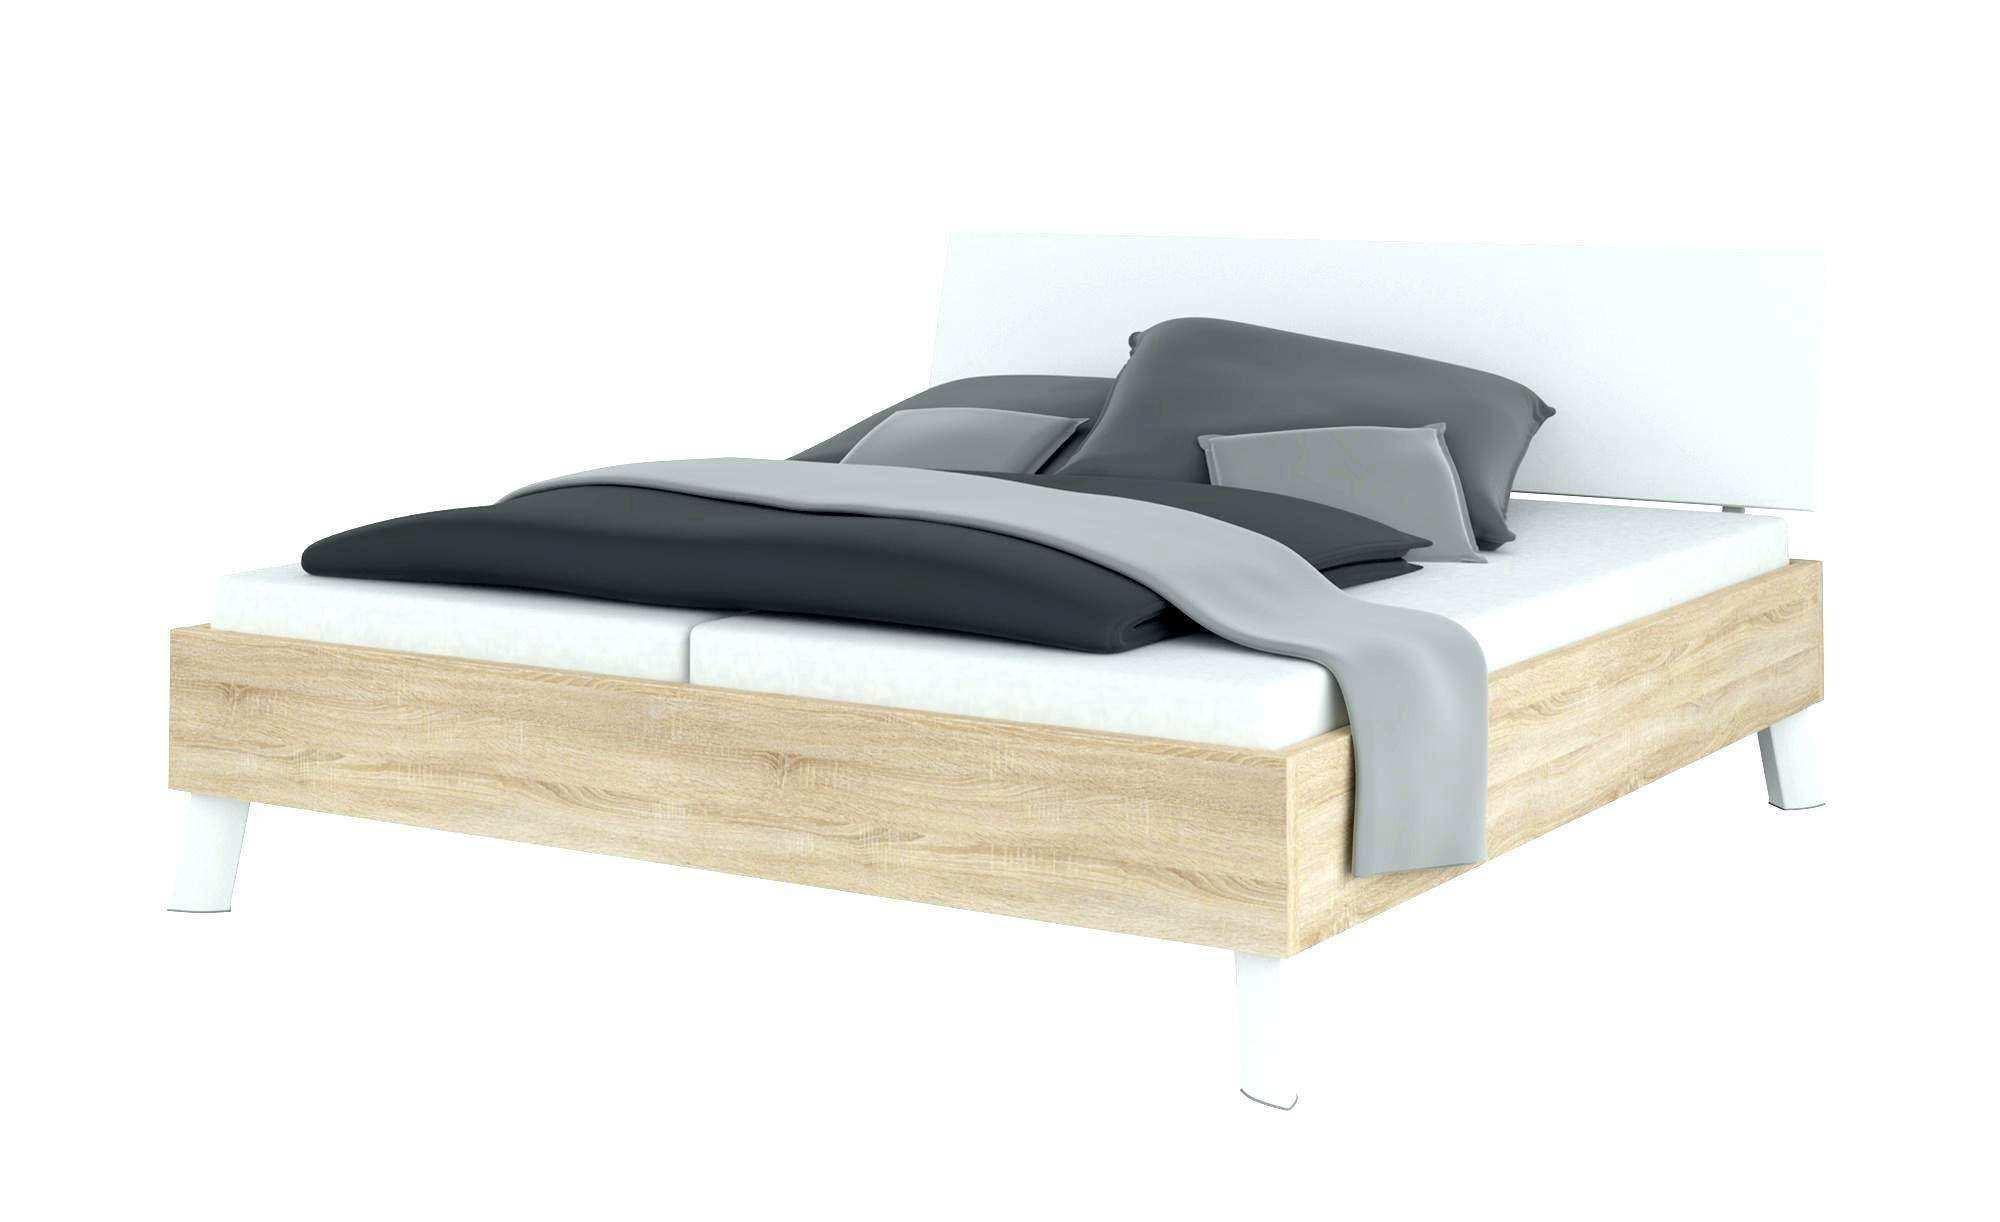 Full Size of Lattenrost Klappbar Ikea 40 R1 Bett Mit Matratze Fhrung 140x200 Und 180x200 Küche Kosten 90x200 160x200 Miniküche Ausklappbares Betten Sofa Schlaffunktion Wohnzimmer Lattenrost Klappbar Ikea